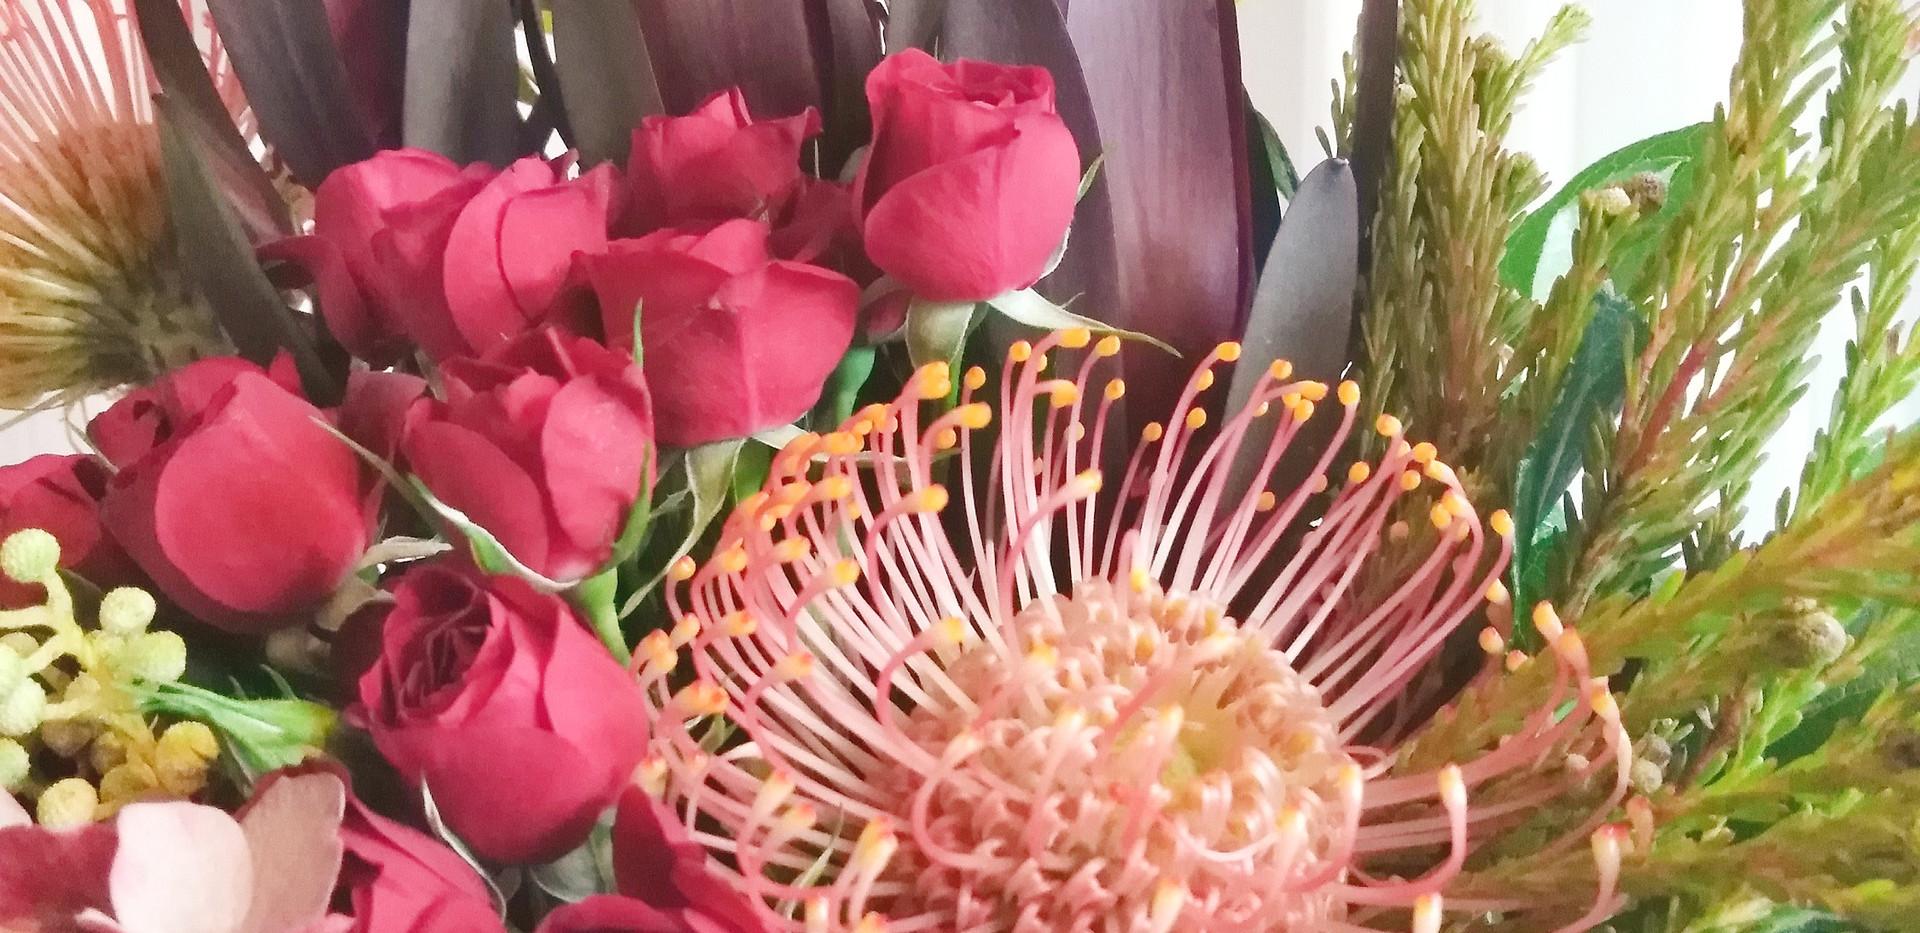 Pincushion Protea Display